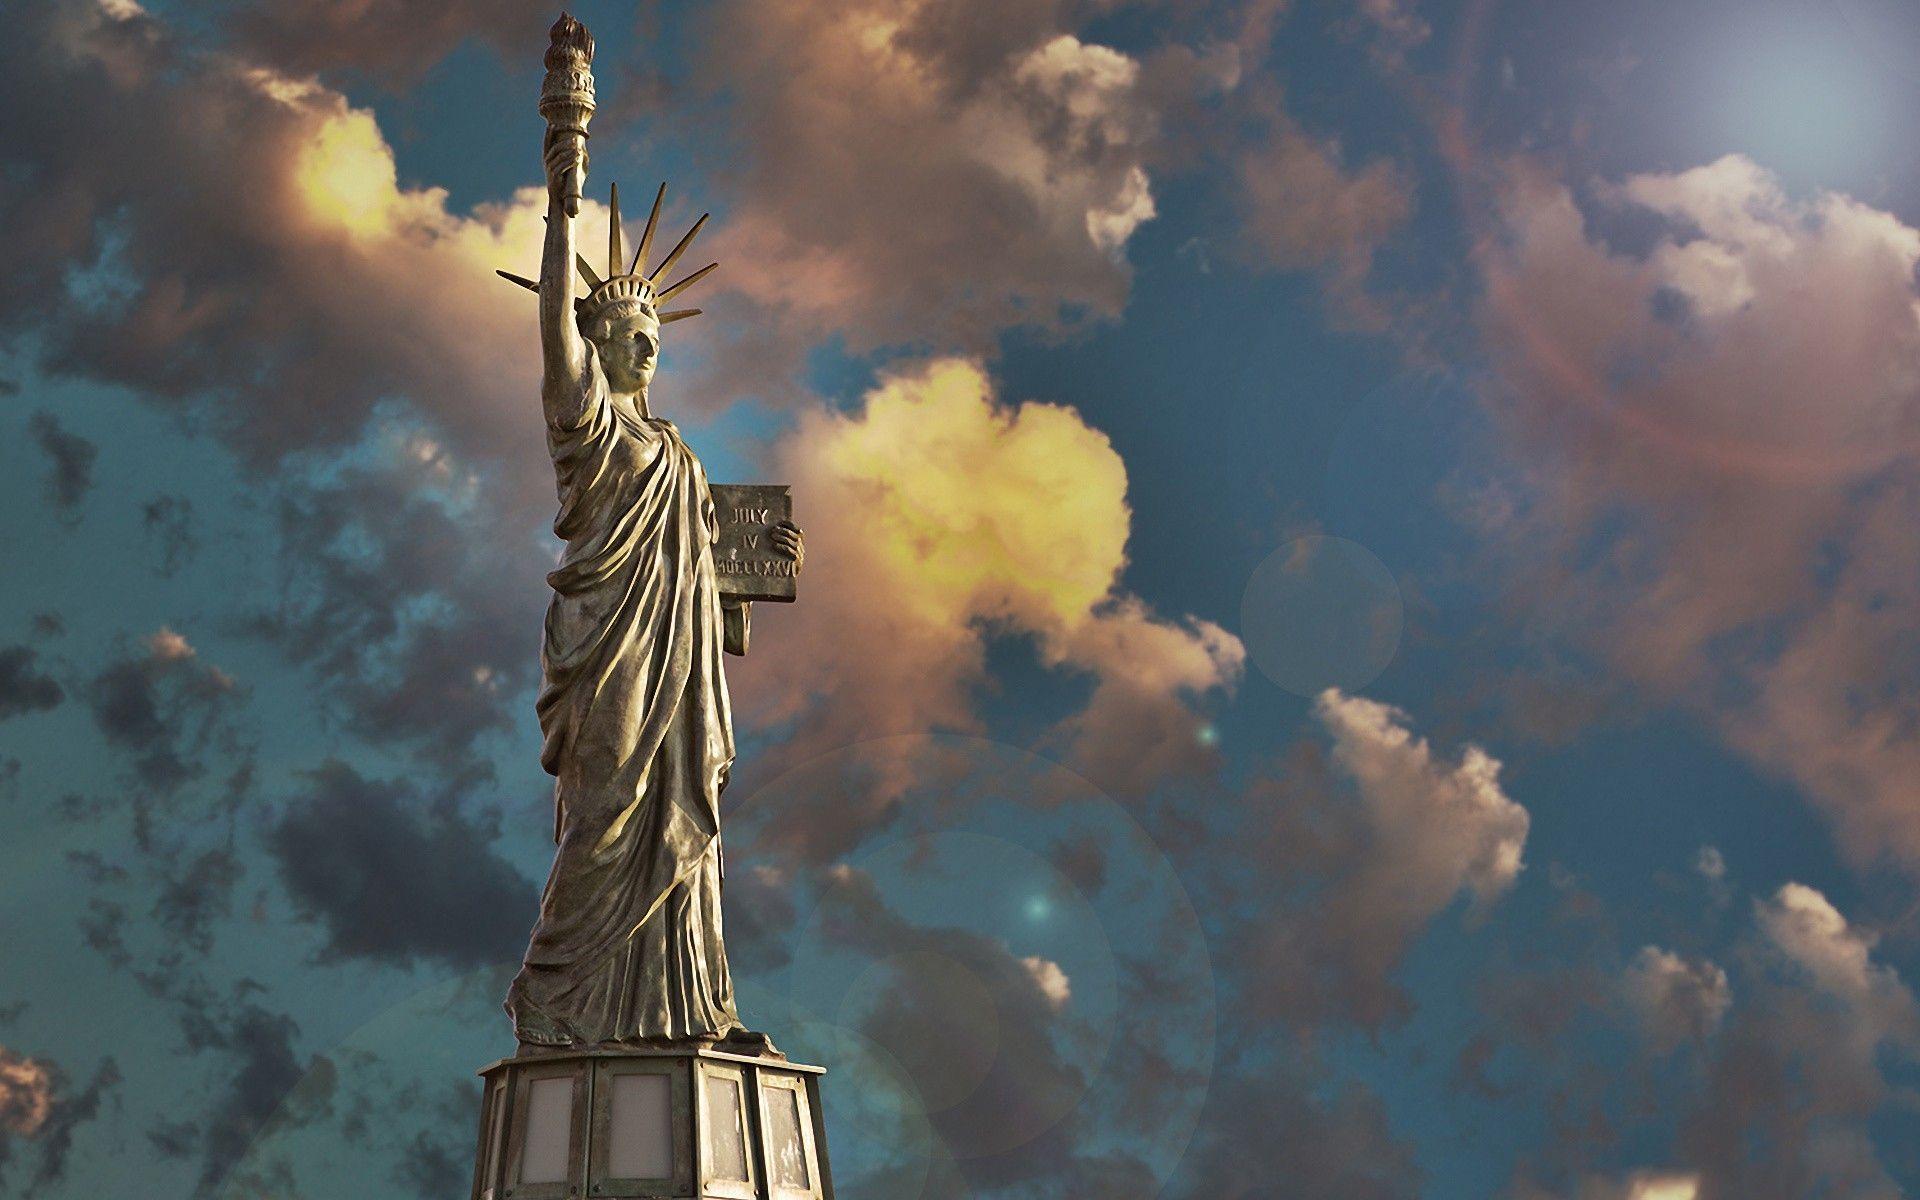 Hình ảnh tượng nữ thần tự do